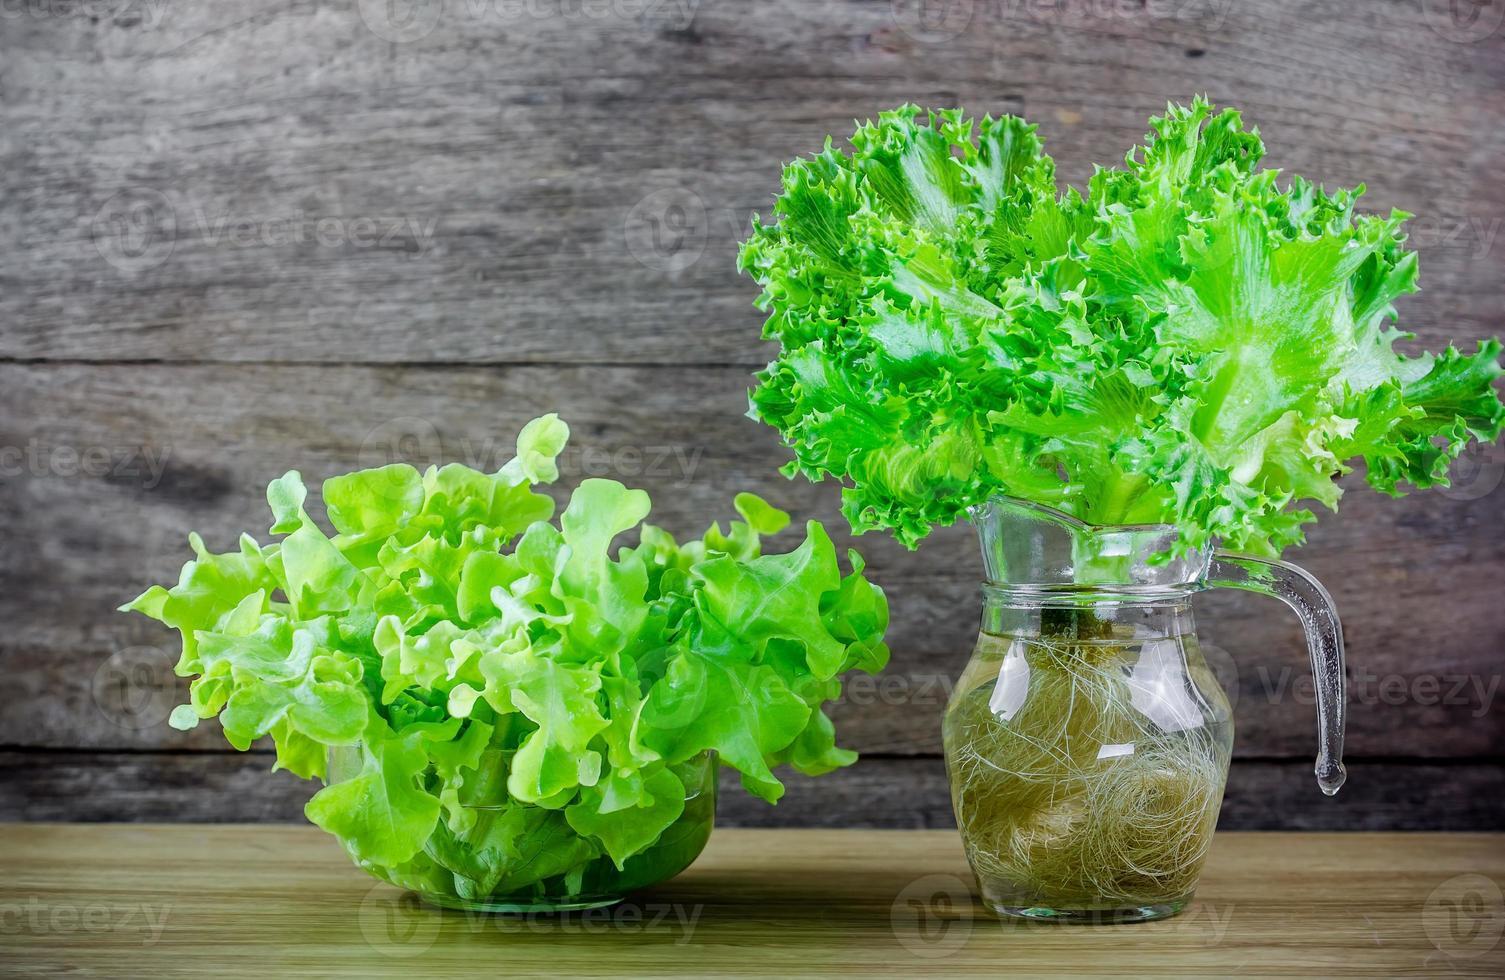 frillice ijsberg en groene eiken sla foto